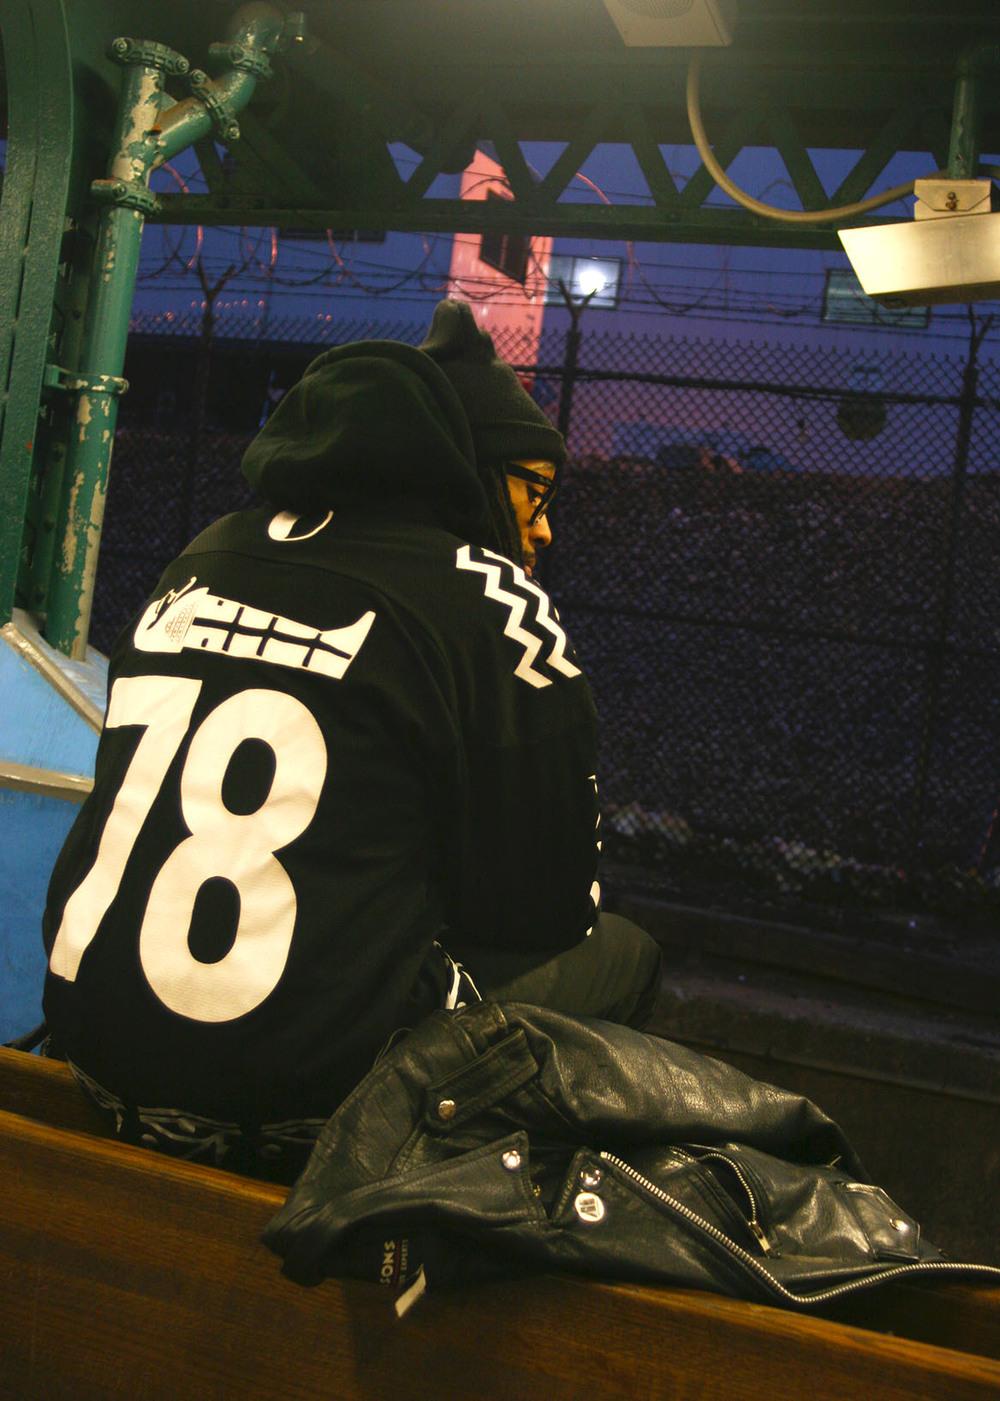 Nirvana (Mishka NYC  Men's Streetwear) Langston Black aka Lang$to Image 31